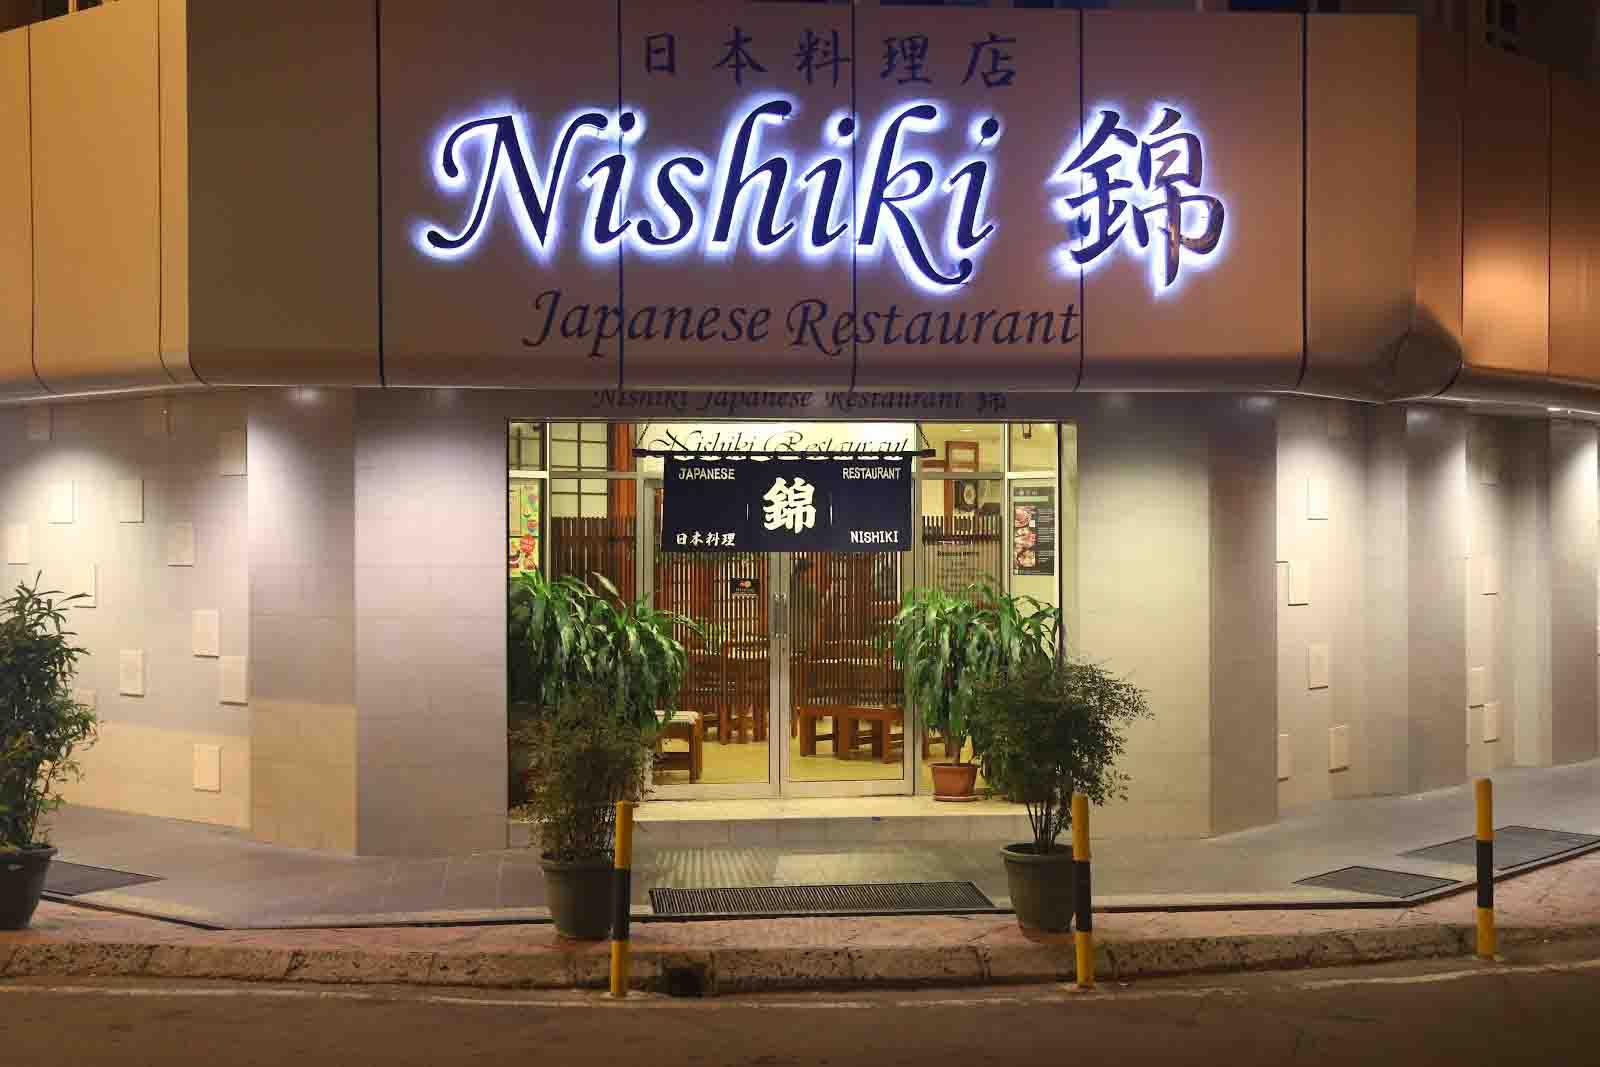 nishiki_restaurant_japan_buffe